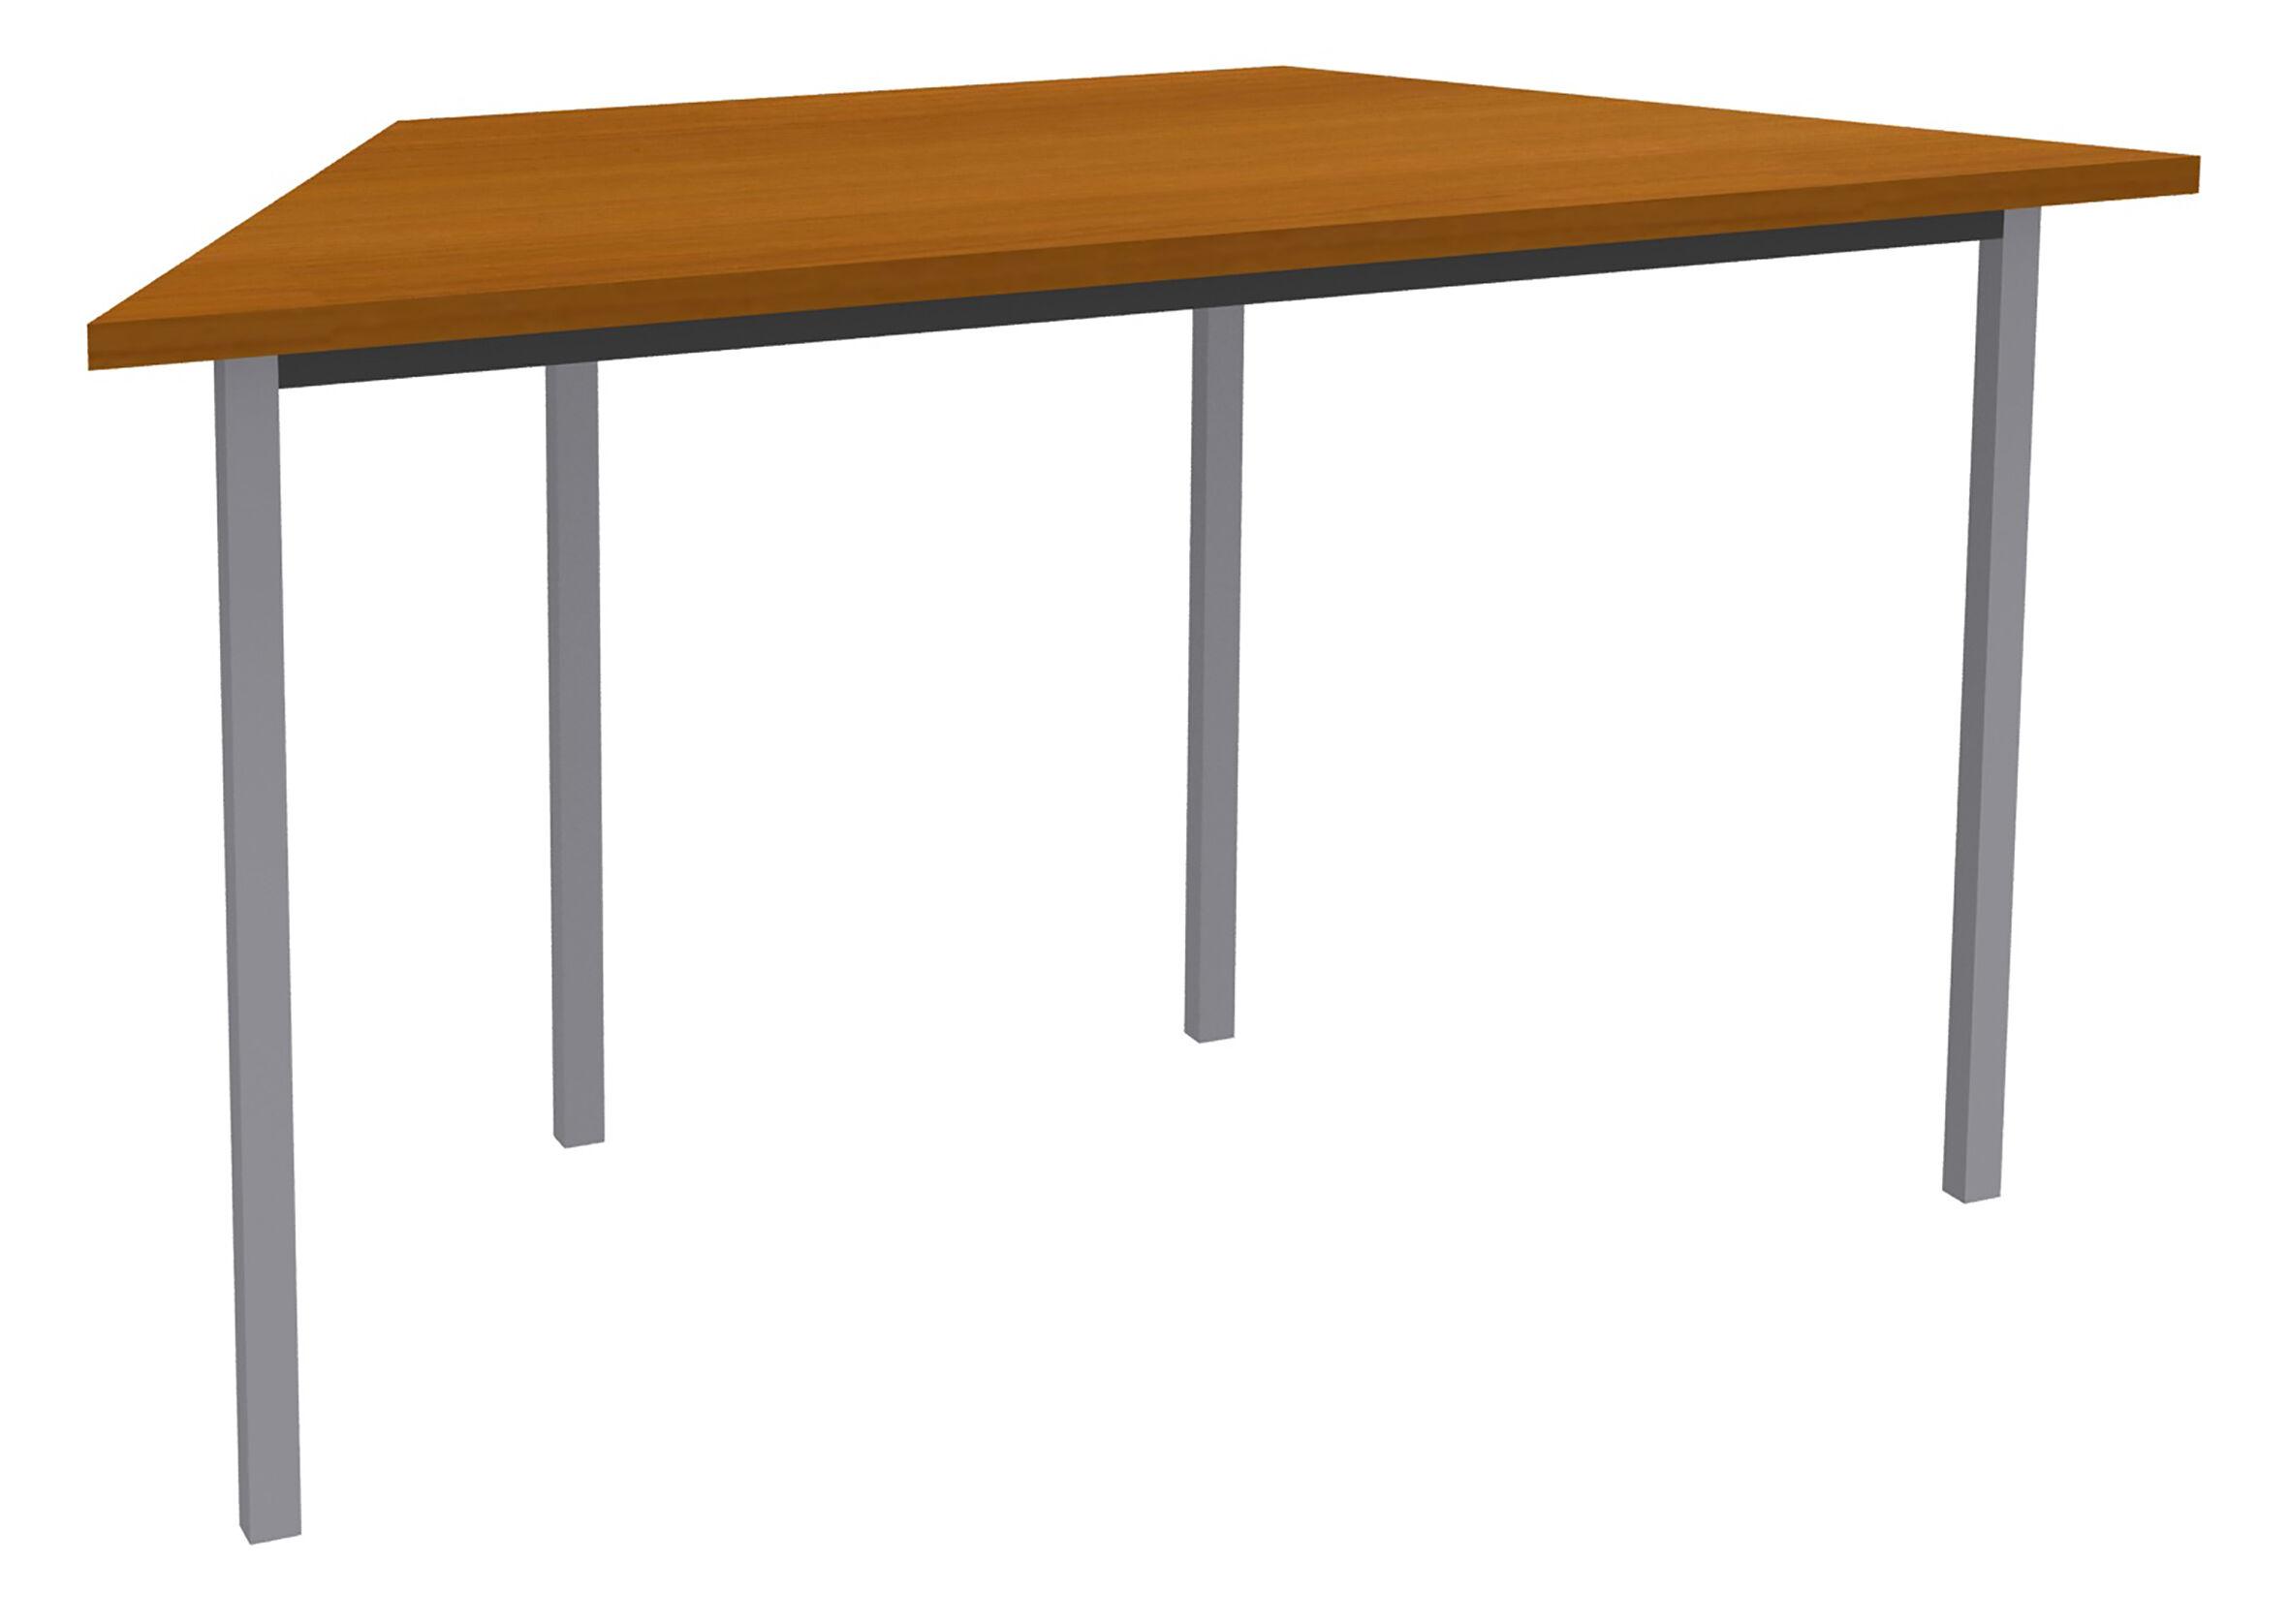 Table de réunion Trapèze - 120 x 60 cm - Pieds aluminium - imitation Merisier